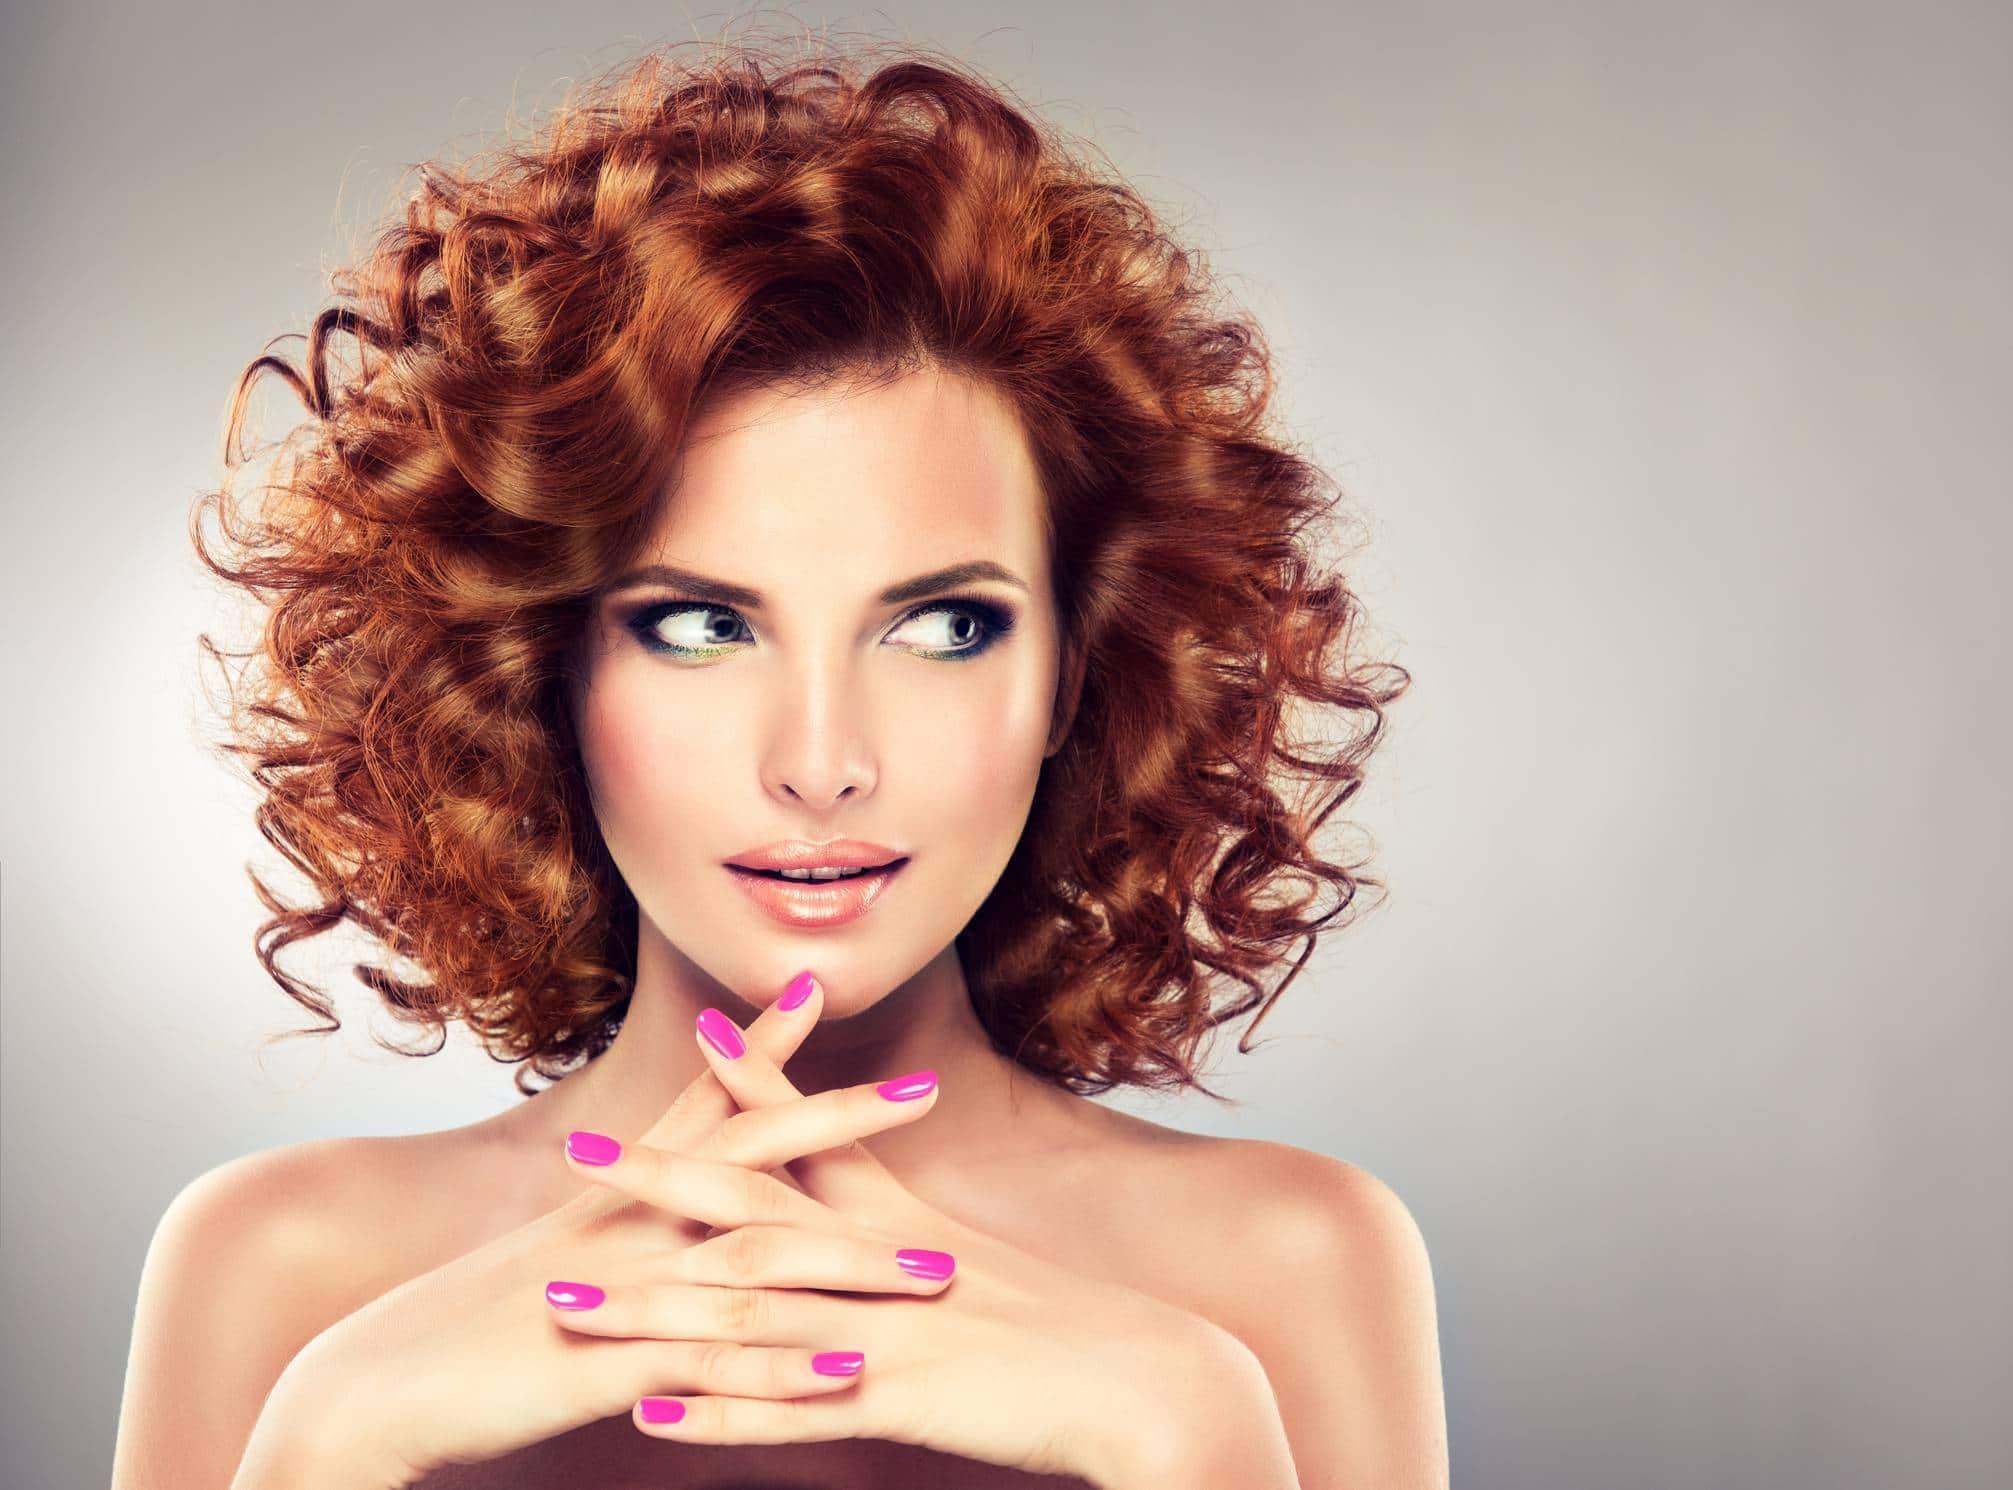 femme beaux cheveux